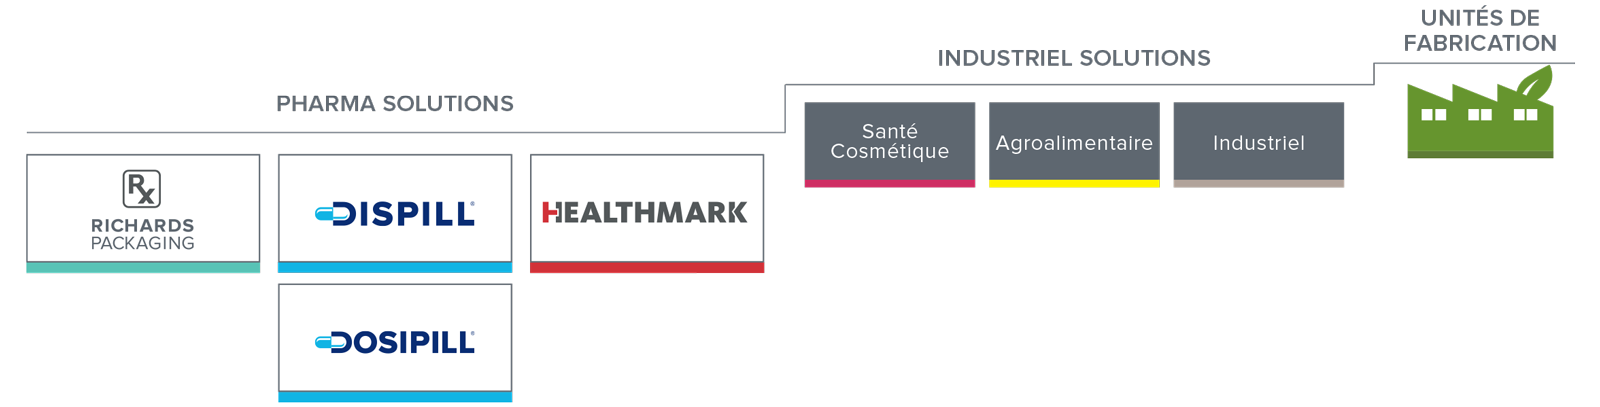 pharma-solution-tableau